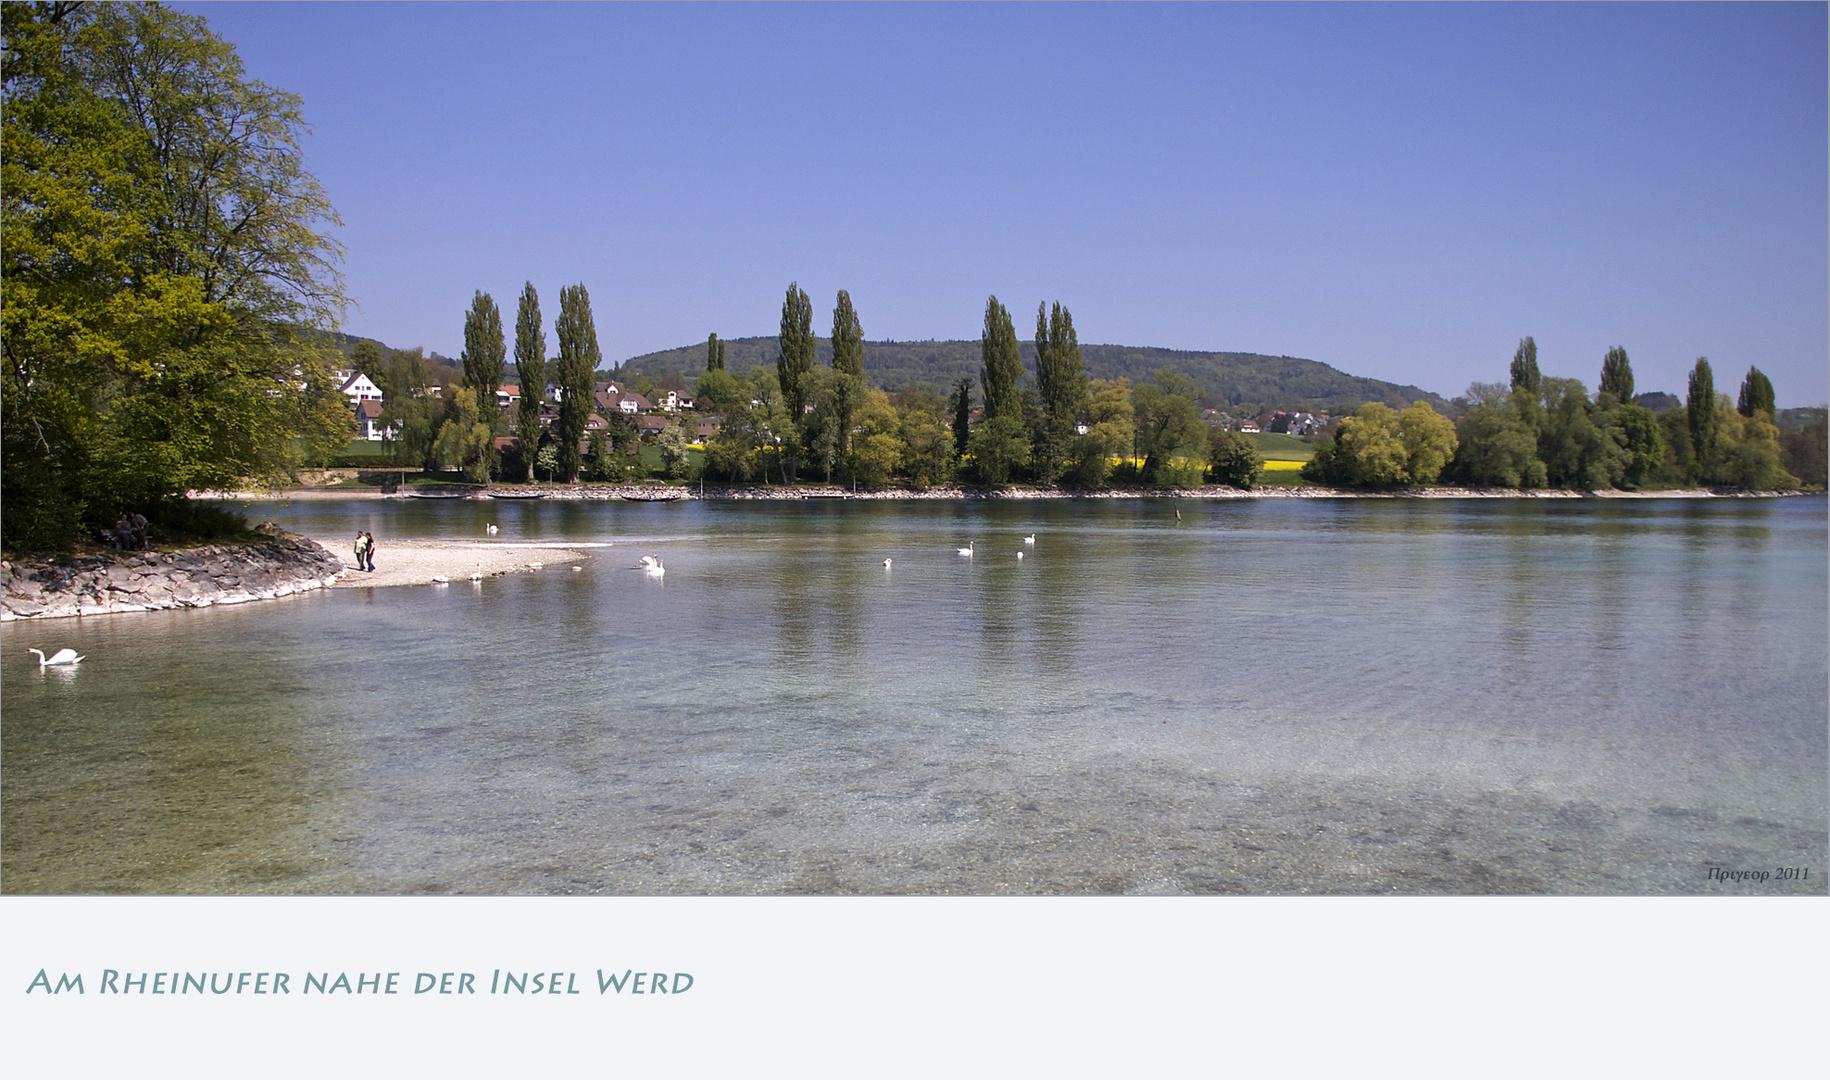 Am Rheinufer nahe der Insel Werd